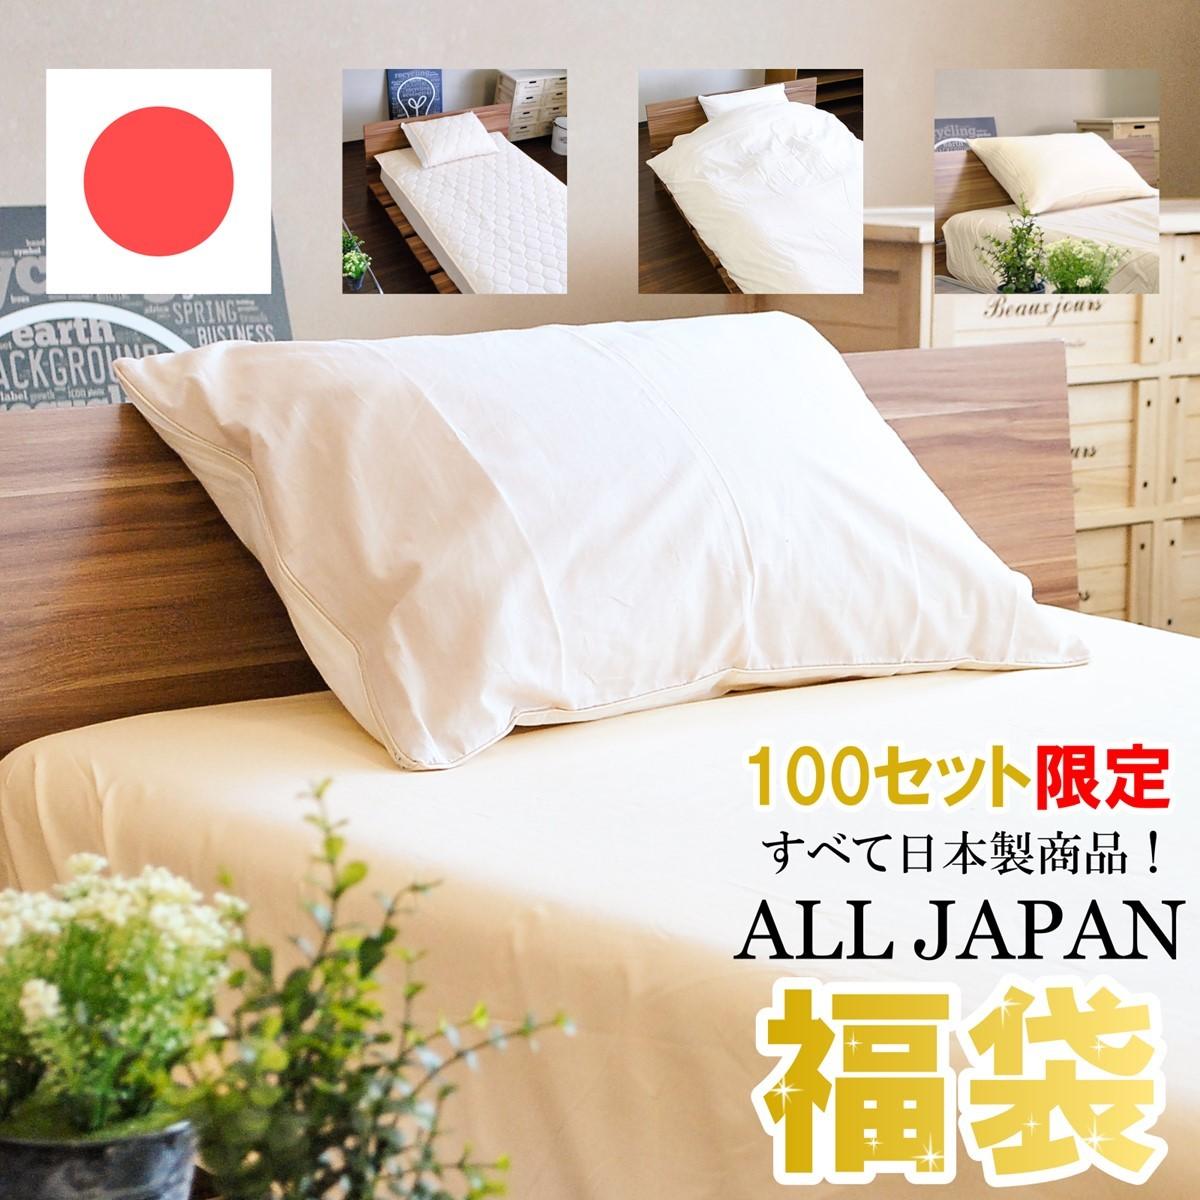 【2019年】 【福袋】 【送料無料】 【1万円】 日本製 綿 寝具6点セット シングル